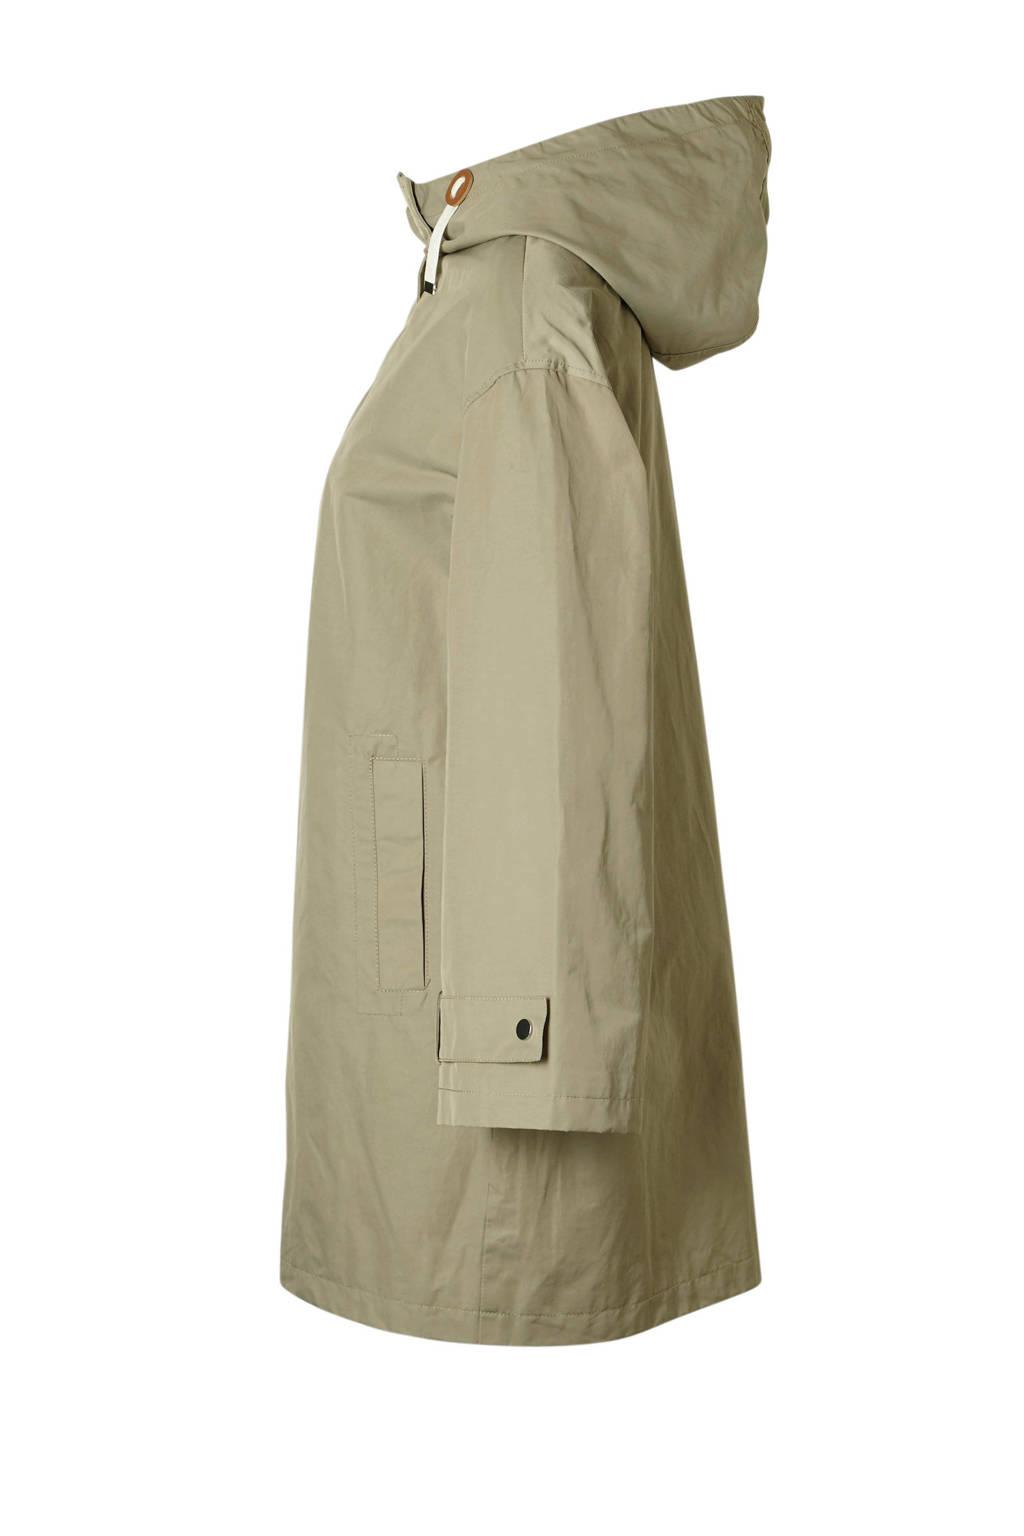 C&A The Outerwear jas kaki, Kaki